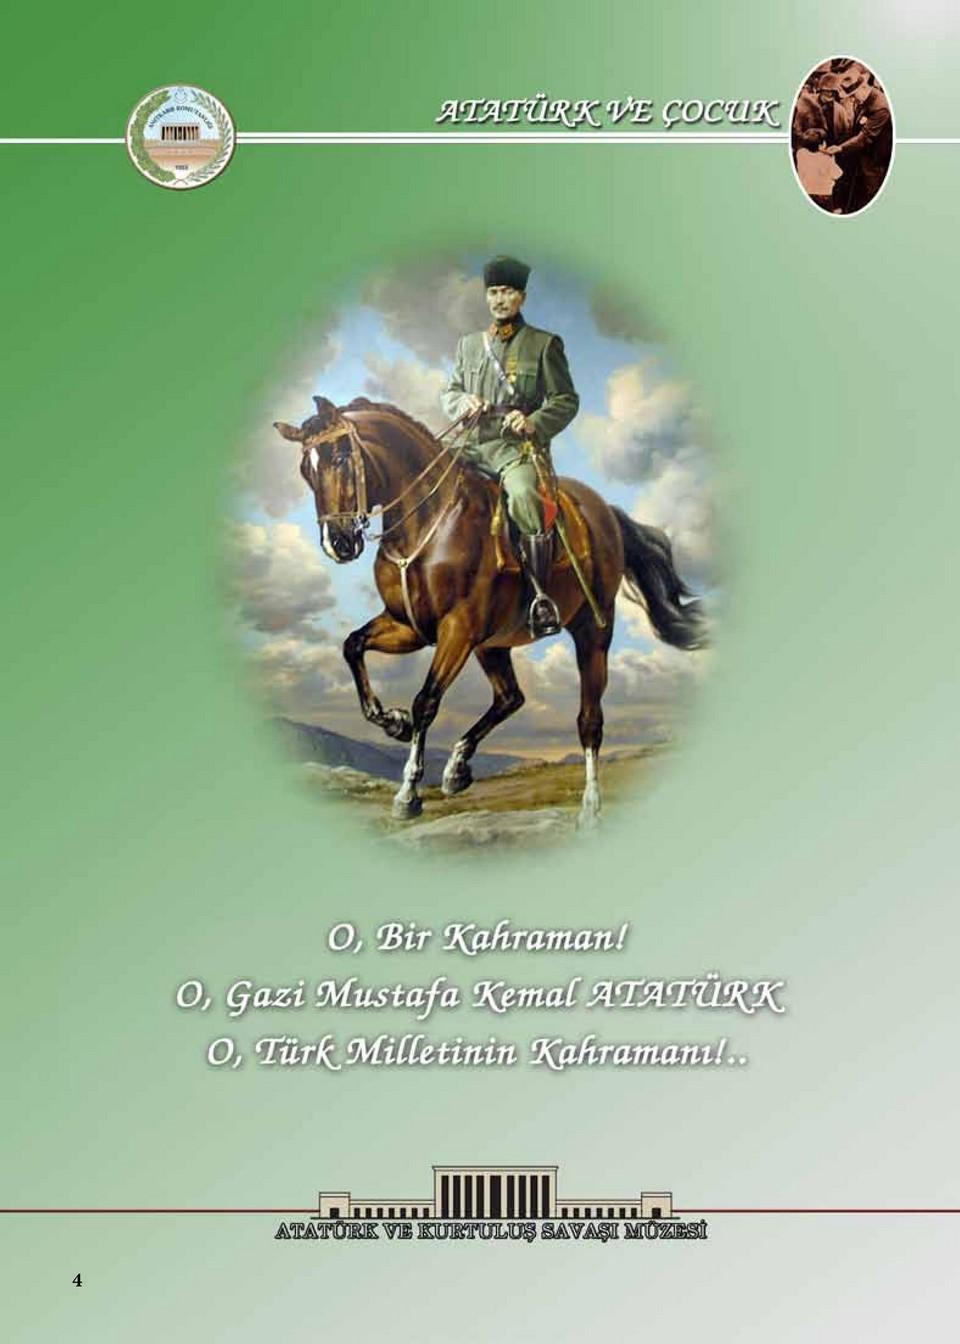 ataturkvecocuk-page-006